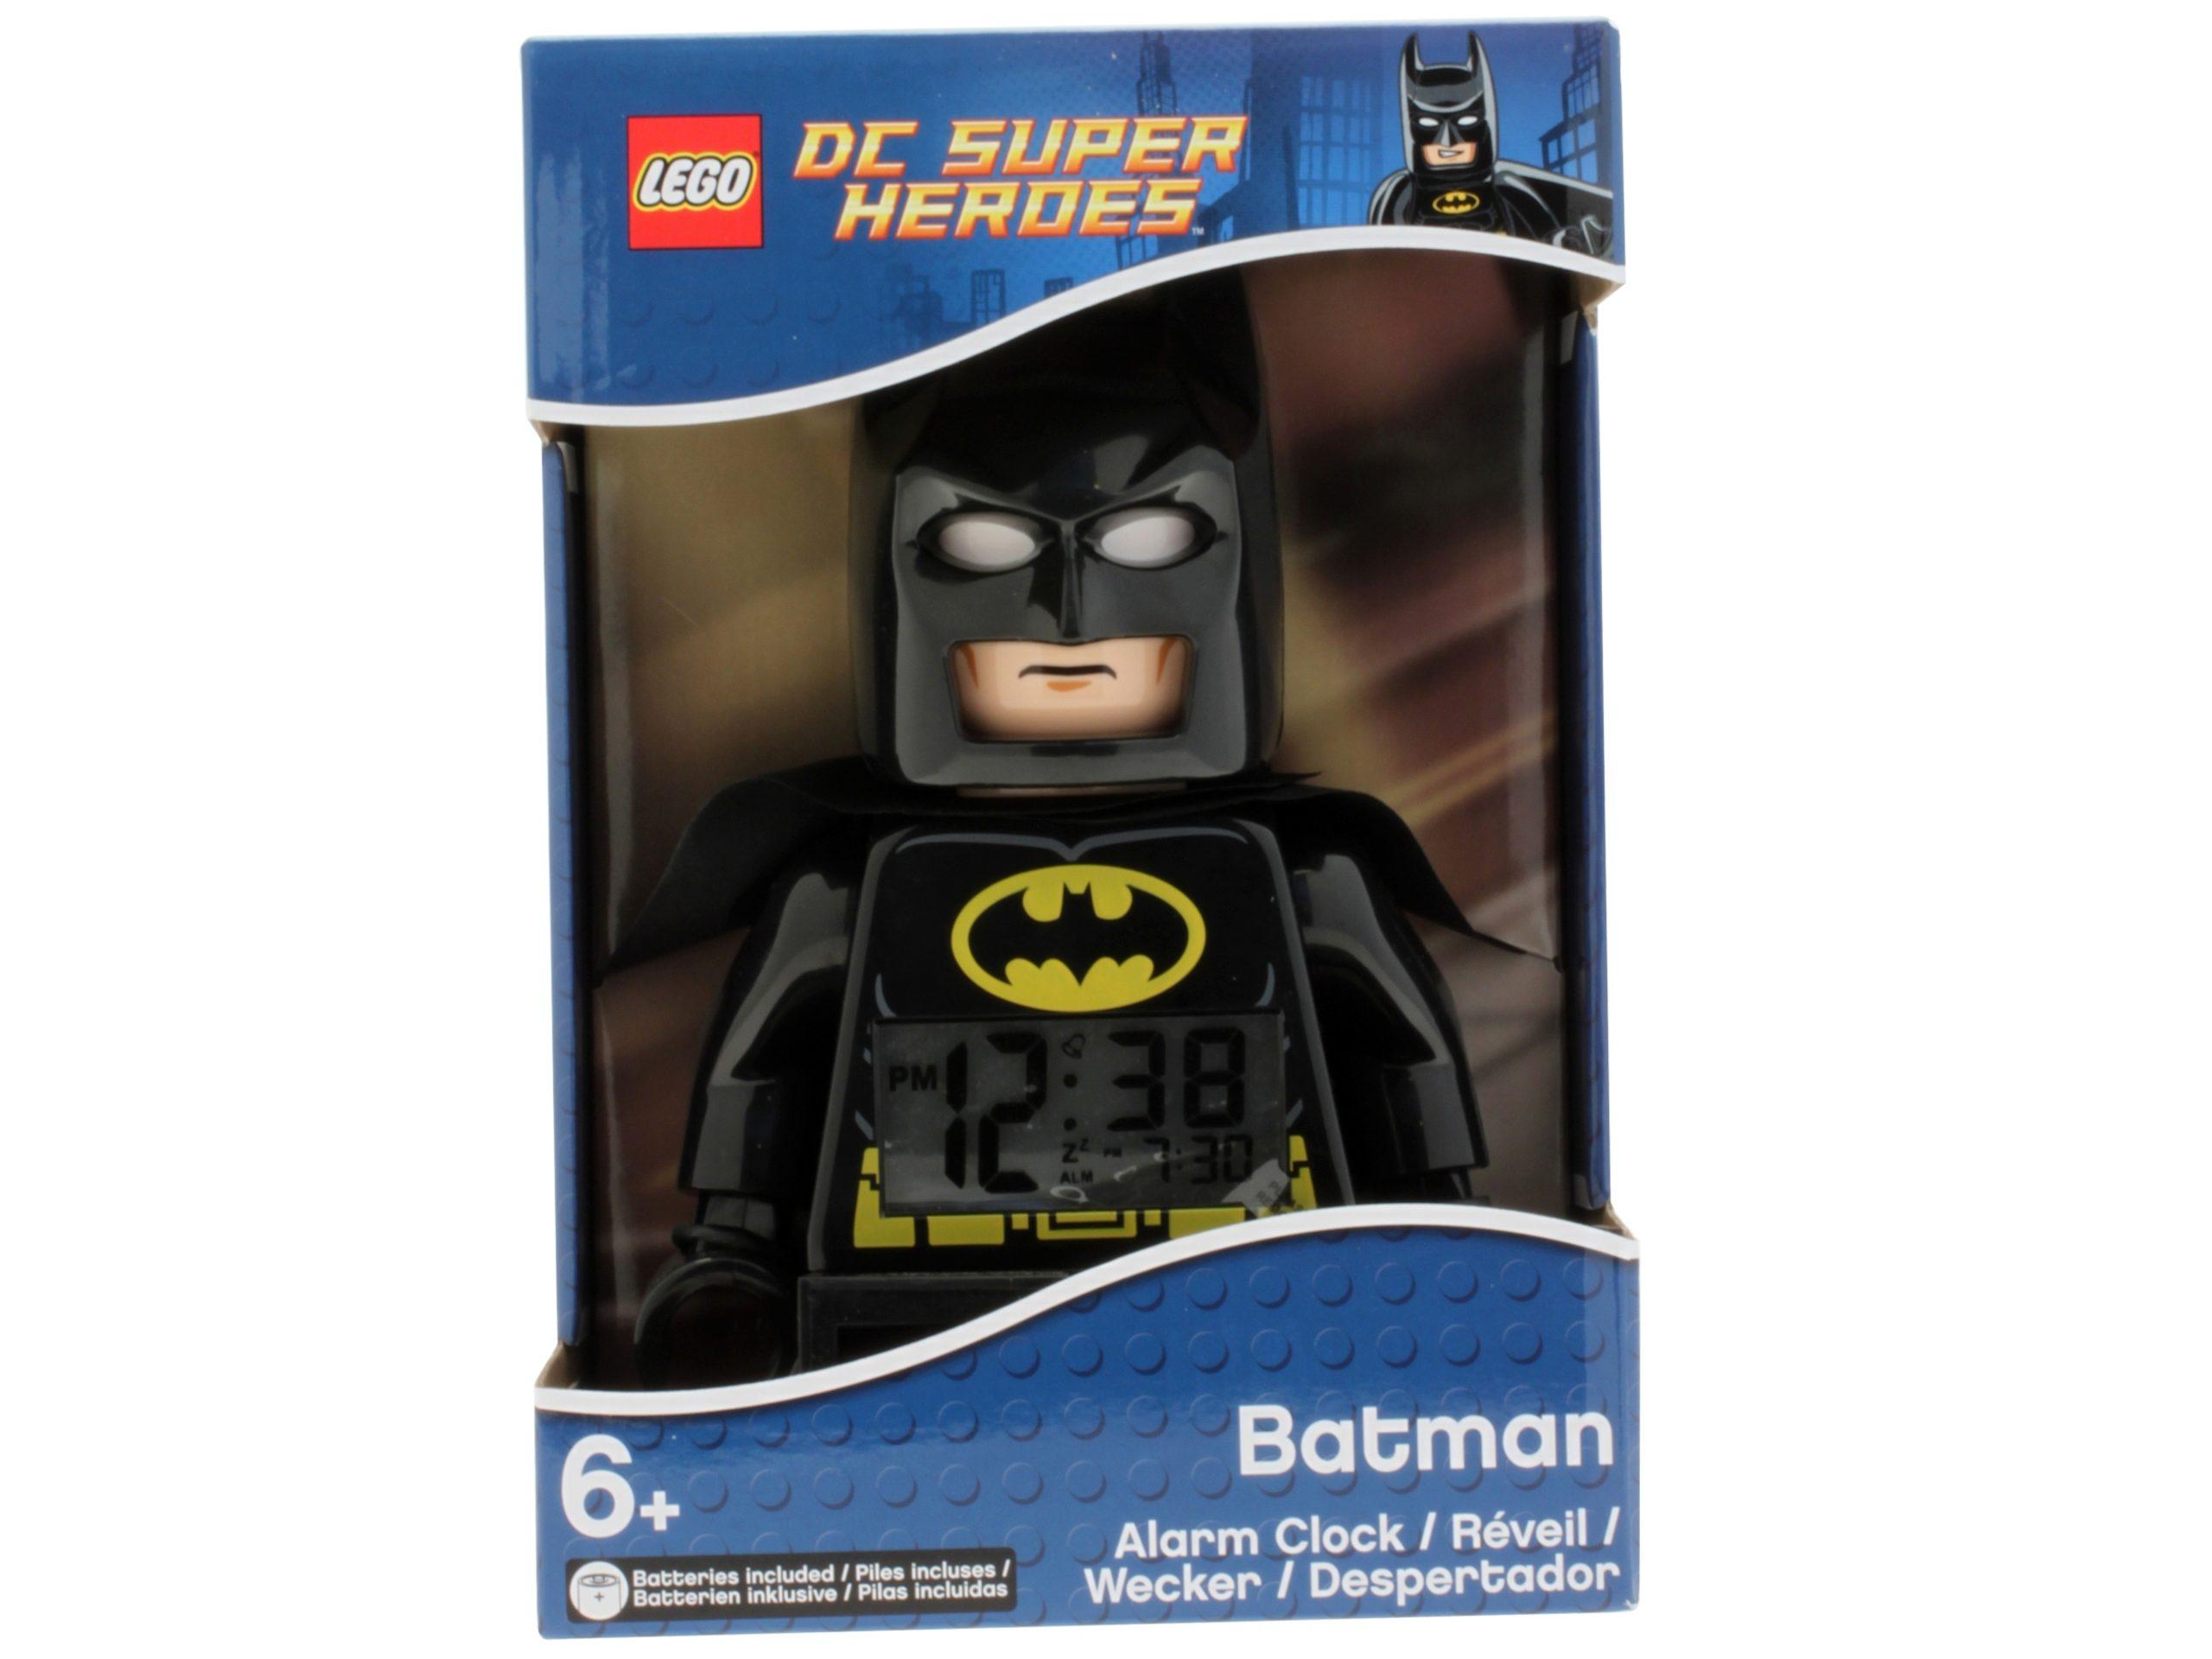 lego 5002423 dc comics super heroes batman minifigure clock scaled